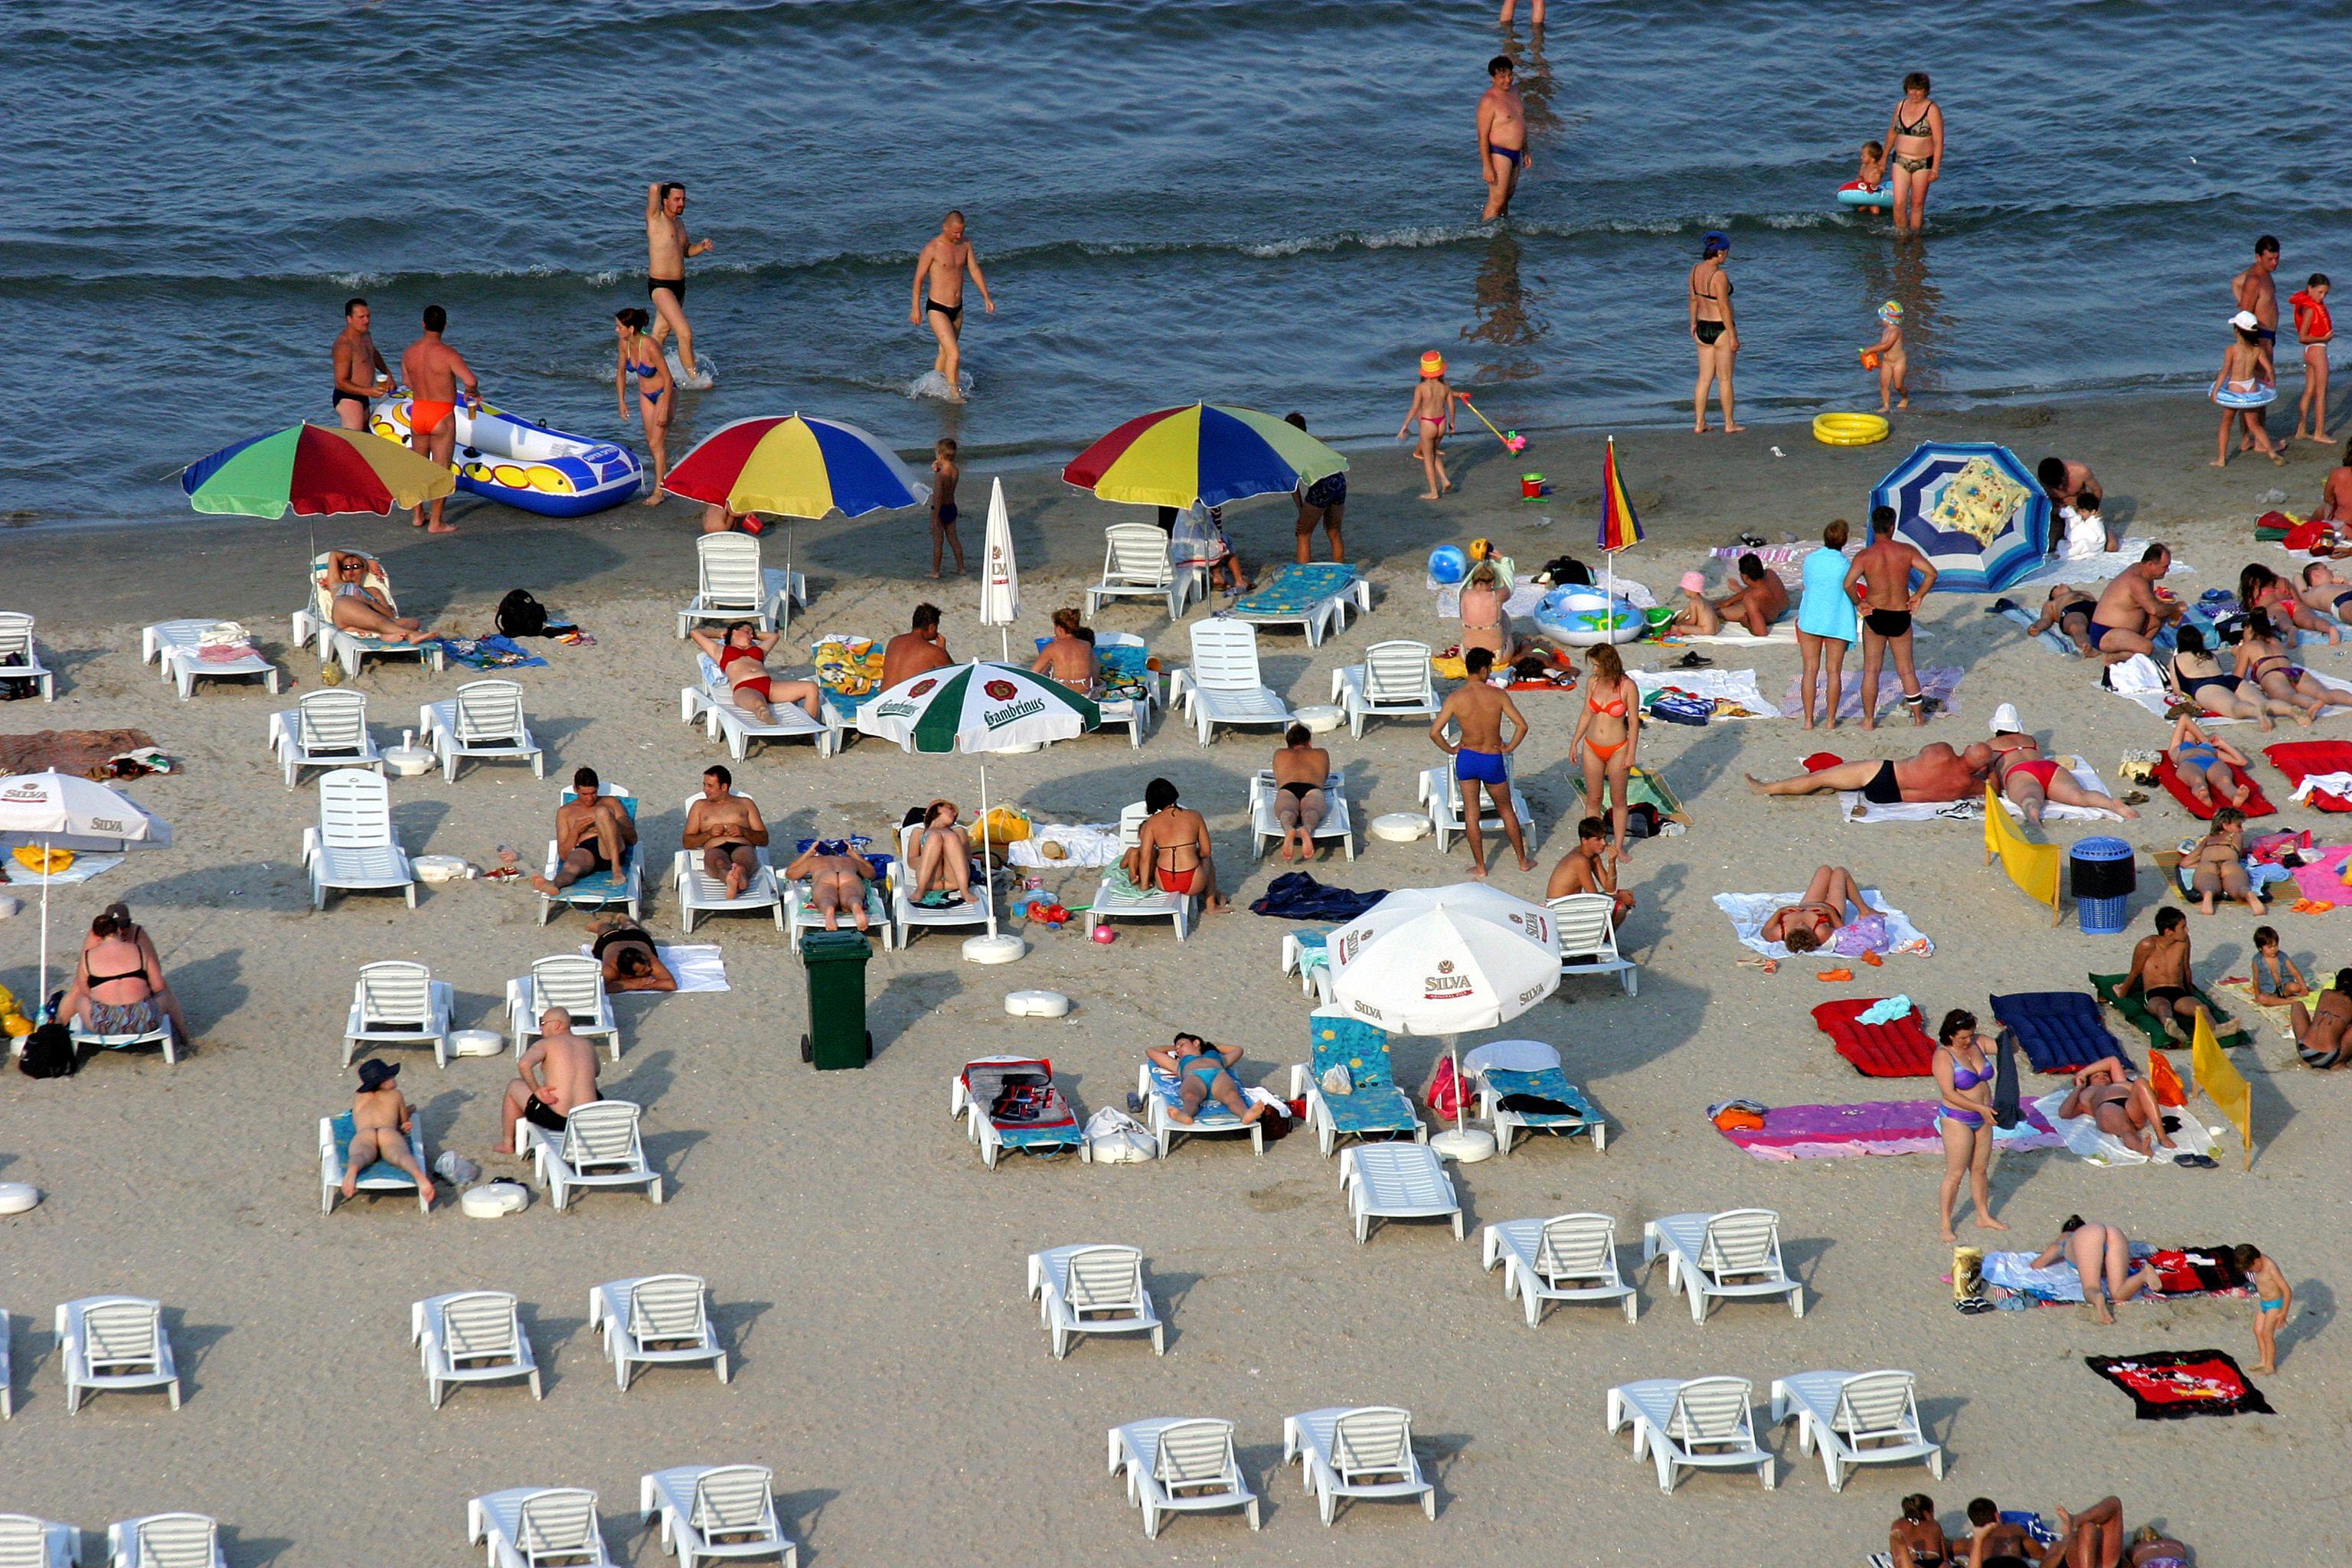 Vești excelente pentru români! Hotelurile de pe litoral îi aşteaptă pe turişti după 1 iunie, când se vor deschide și terasele